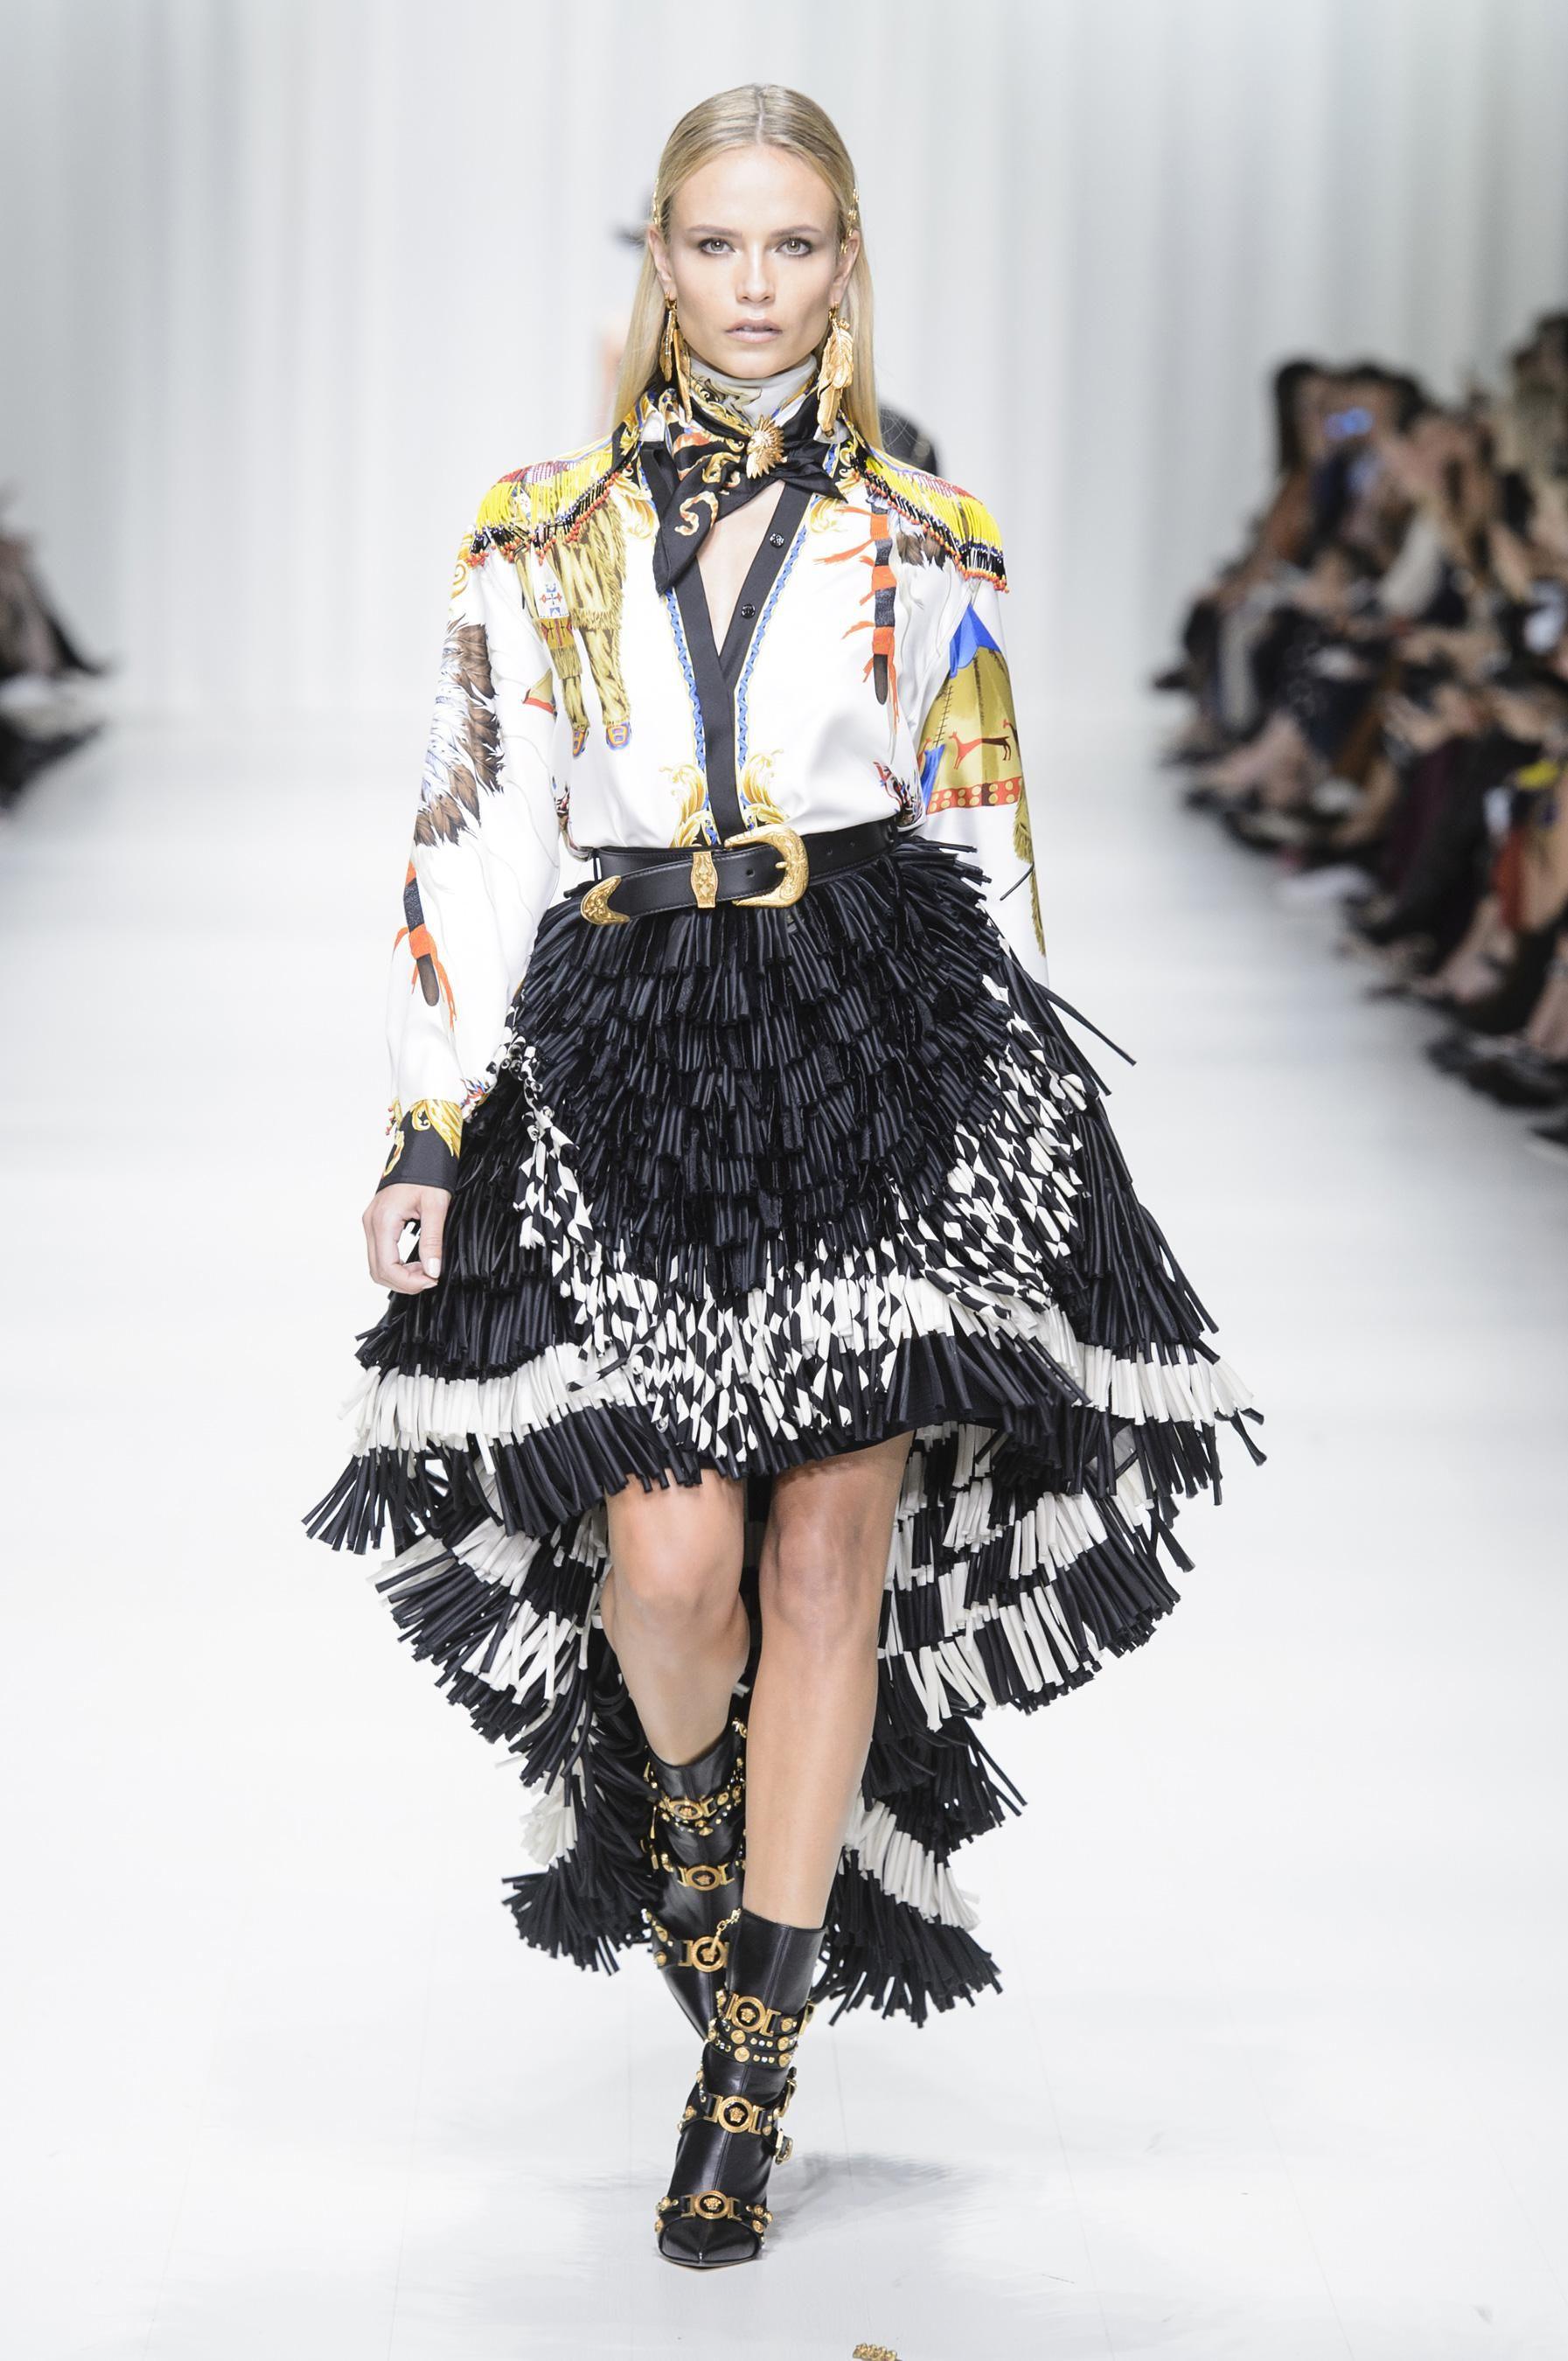 e68a128c00 Défilé Versace Printemps-été 2018 Prêt-à-porter - Madame Figaro